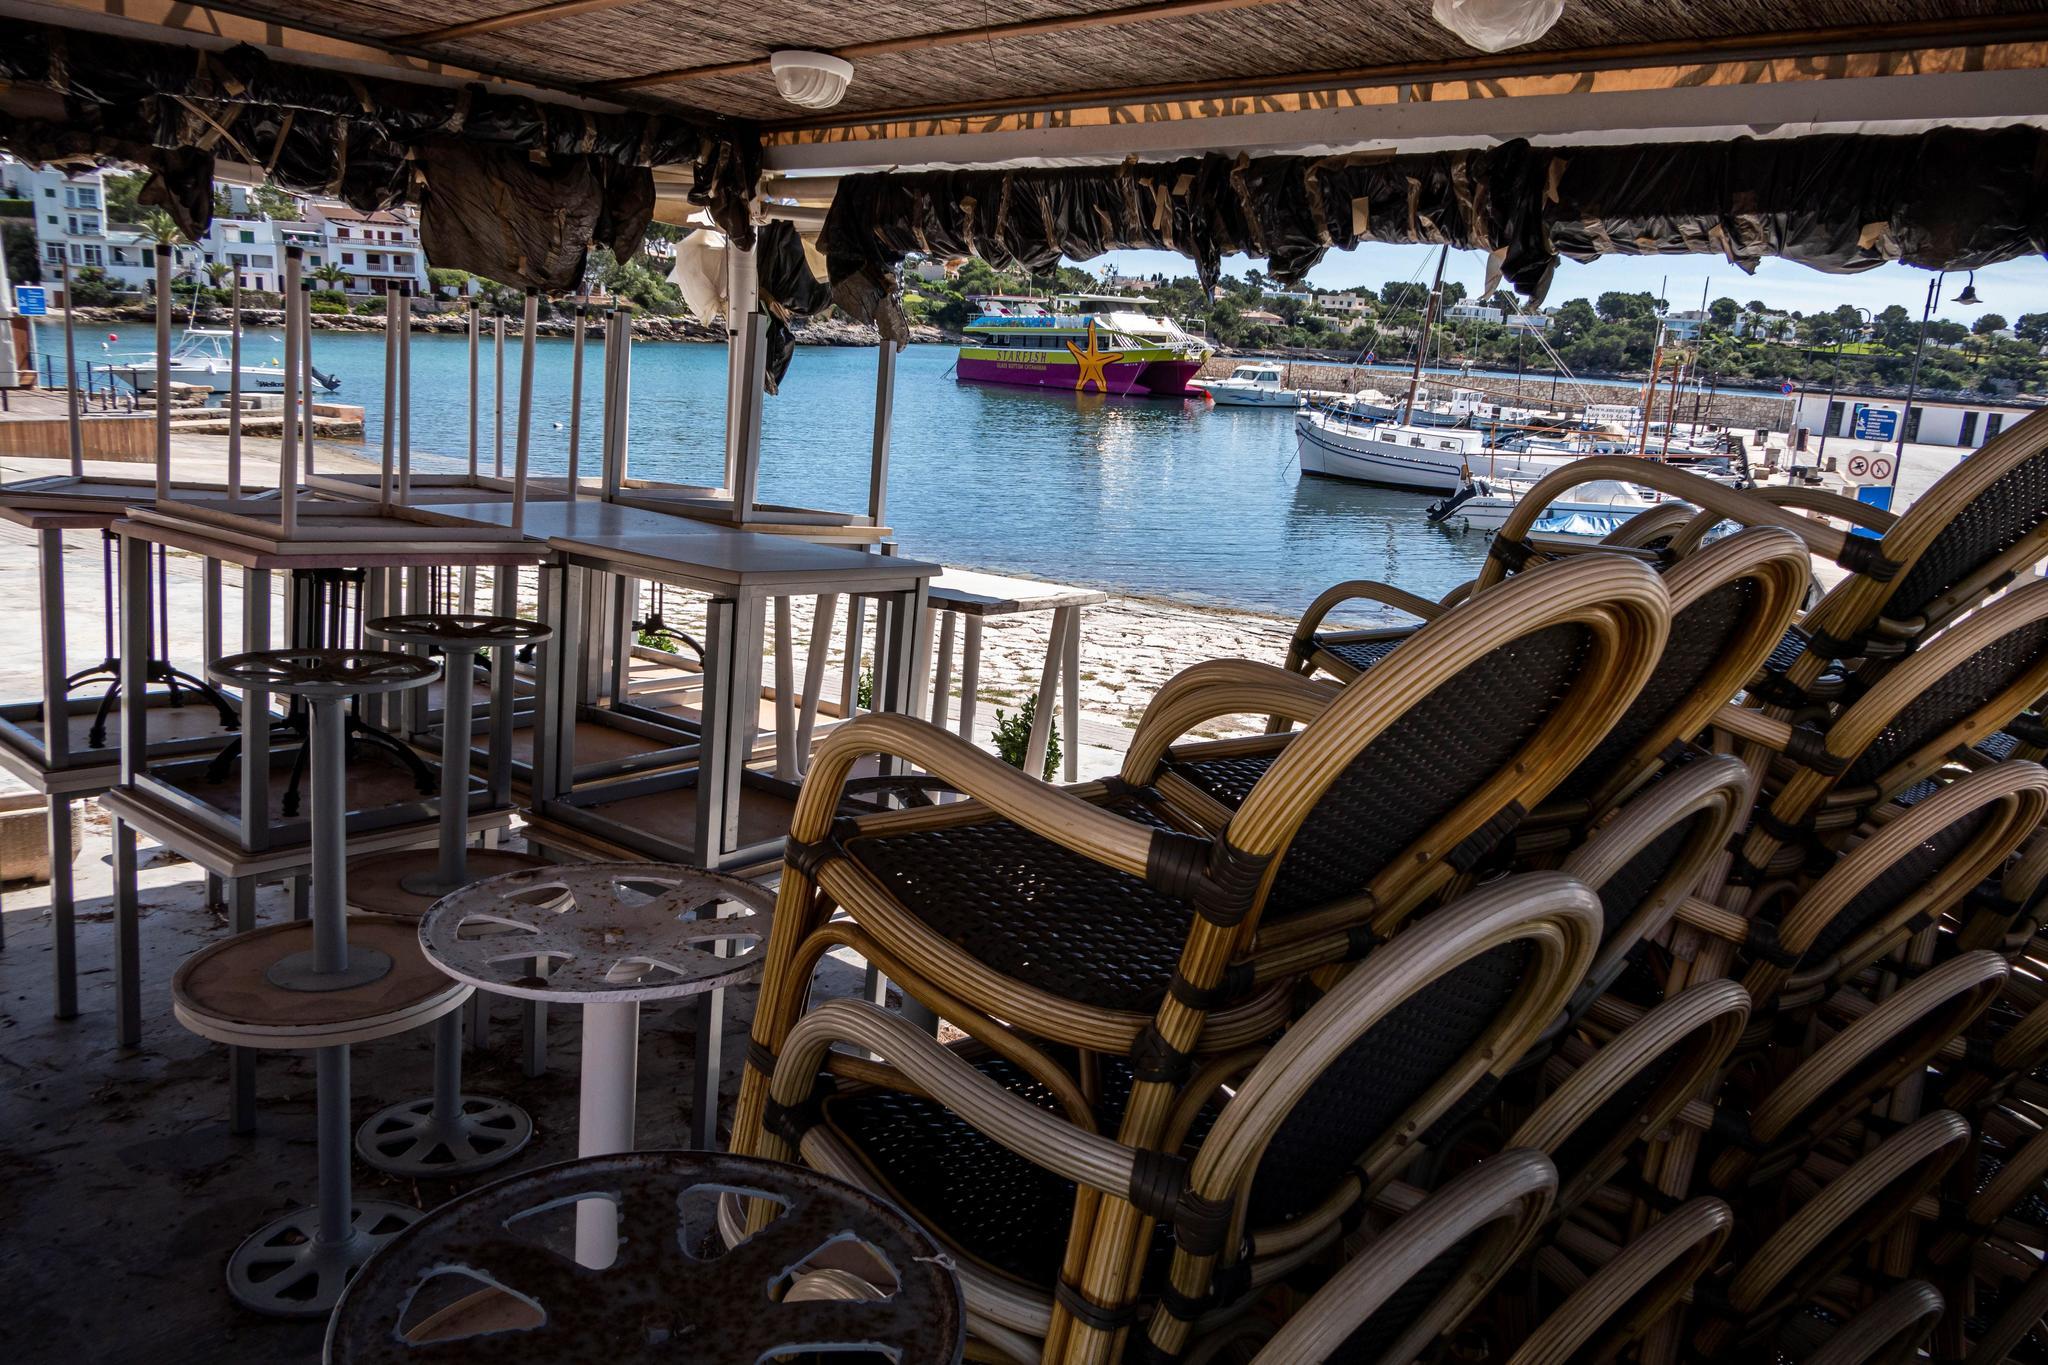 SANTANYÍ (MALLORCA).- , Restaurante cerrado en la playa de Porto Petro, una de las playas de Mallorca que forma parte del Parque natural de Mondragó, y que permanece cerrada por la crisis sanitaria del coronavirus.